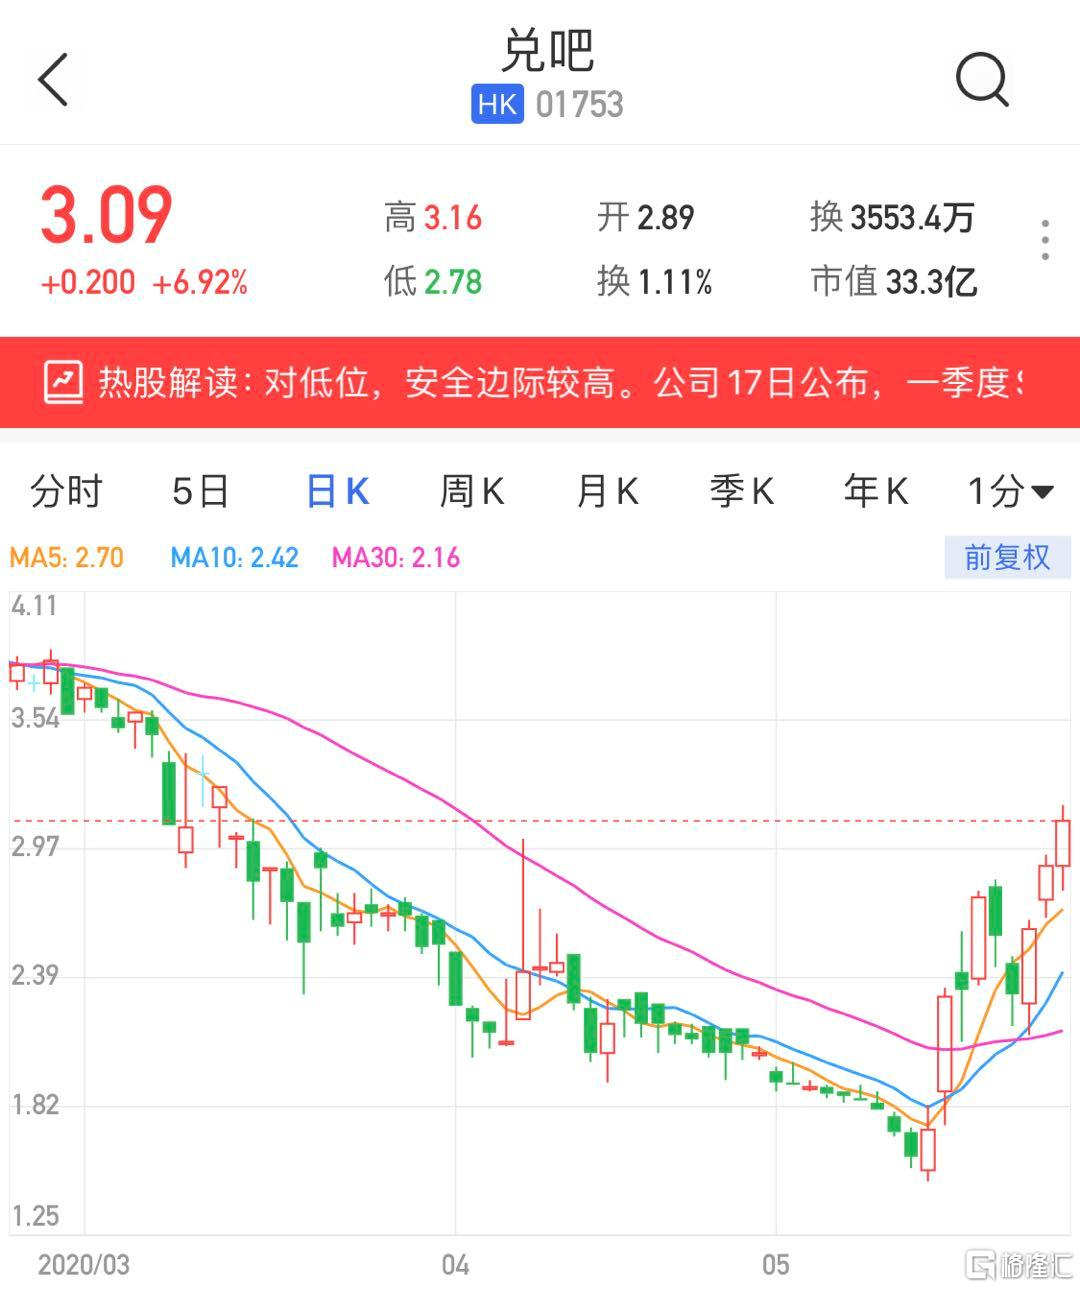 港股异动   兑吧(1753.HK)多日上涨 现涨幅逼近7%